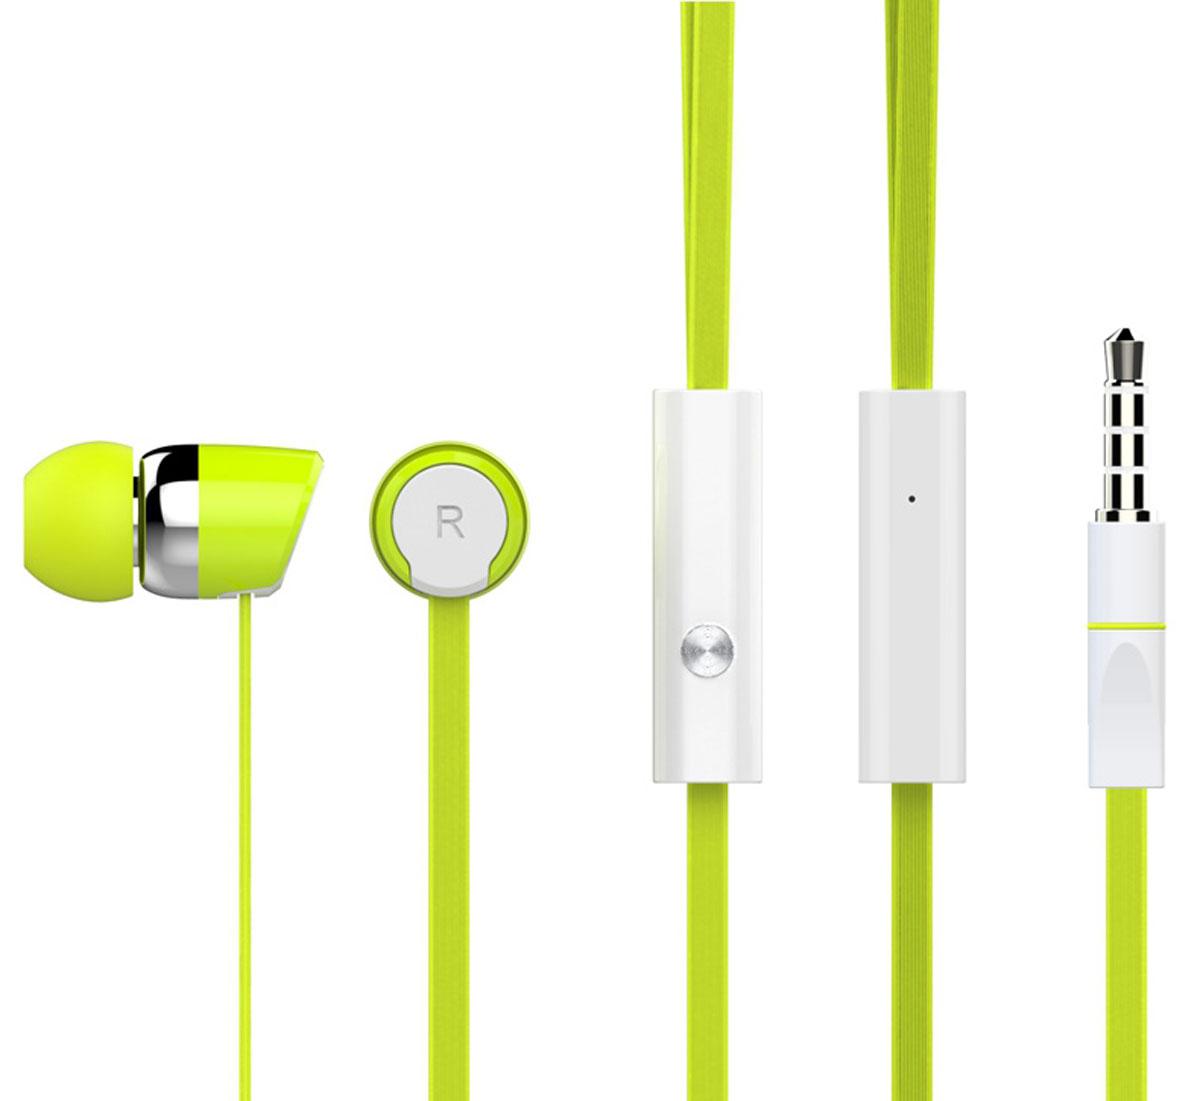 Harper Kids HV-104, Green наушникиH00000767Яркие и стильные наушники Harper Kids HV-104 с люминесцентным покрытием (светятся в темноте). Гарнитура имеет встроенный пульт имикрофон для быстрого переключения между музыкой и вызовами. Подключив её к своему смартфону илипланшету вы сможете не только наслаждаться любимой музыкой, но и с легкостью ответить на звонок, не доставаягаджет. Гарнитура имеет плоский, эластичный и устойчивый к запутыванию кабель длиной 1,2 метра. В комплектес наушниками идут мягкие силиконовые накладки 3-х размеров для максимального комфорта.